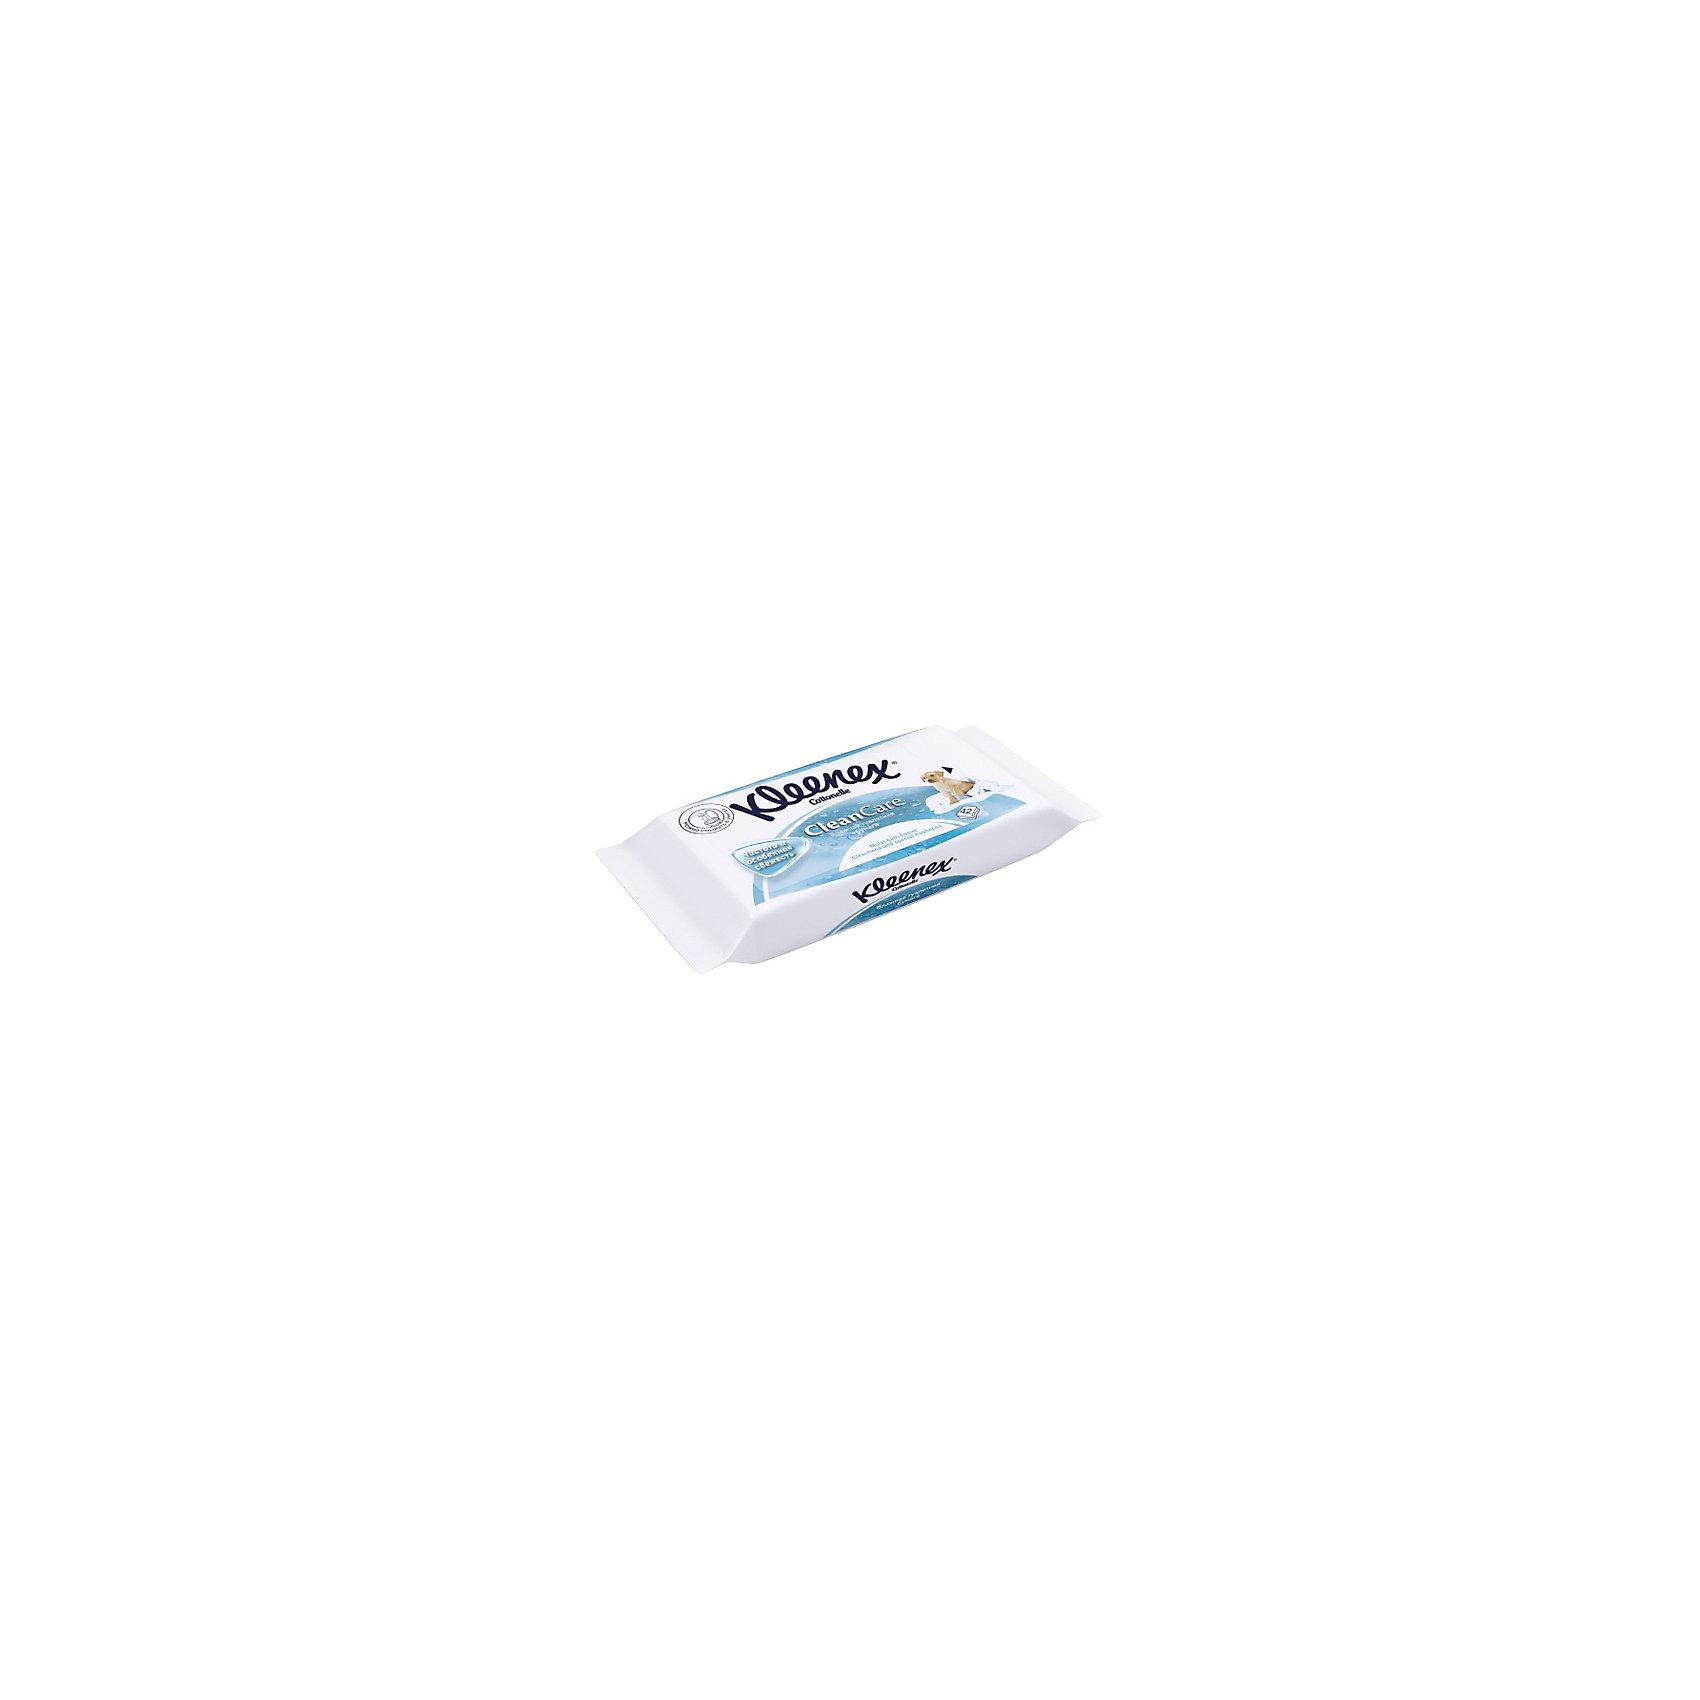 Влажная туалетная бумага запасной блок 42 шт., KleenexВлажные салфетки<br>Влажная туалетная бумага запасной блок 42 шт., Kleenex<br><br>Характеристики:<br><br>-В упаковке: 42 штуки<br>-Безопасный материал для кожи <br>-Без содержания спирта и парабенов<br>-Растворяема в воде<br><br>Влажная туалетная бумага зап. блок 42 шт., Kleenex обеспечит безопасную личную гигиену. Её удобно взять с собой в путешествие или на прогулку. Безопасный материал не вызовет аллергическую реакцию . Сменный блок предназначин для смены пустой пачки влажной туалетной бумаги на полную.<br><br>Влажная туалетная бумага запасной блок 42 шт., Kleenex можно приобрести в нашем интернет-магазине.<br><br>Ширина мм: 150<br>Глубина мм: 100<br>Высота мм: 150<br>Вес г: 500<br>Возраст от месяцев: 6<br>Возраст до месяцев: 36<br>Пол: Унисекс<br>Возраст: Детский<br>SKU: 5126874